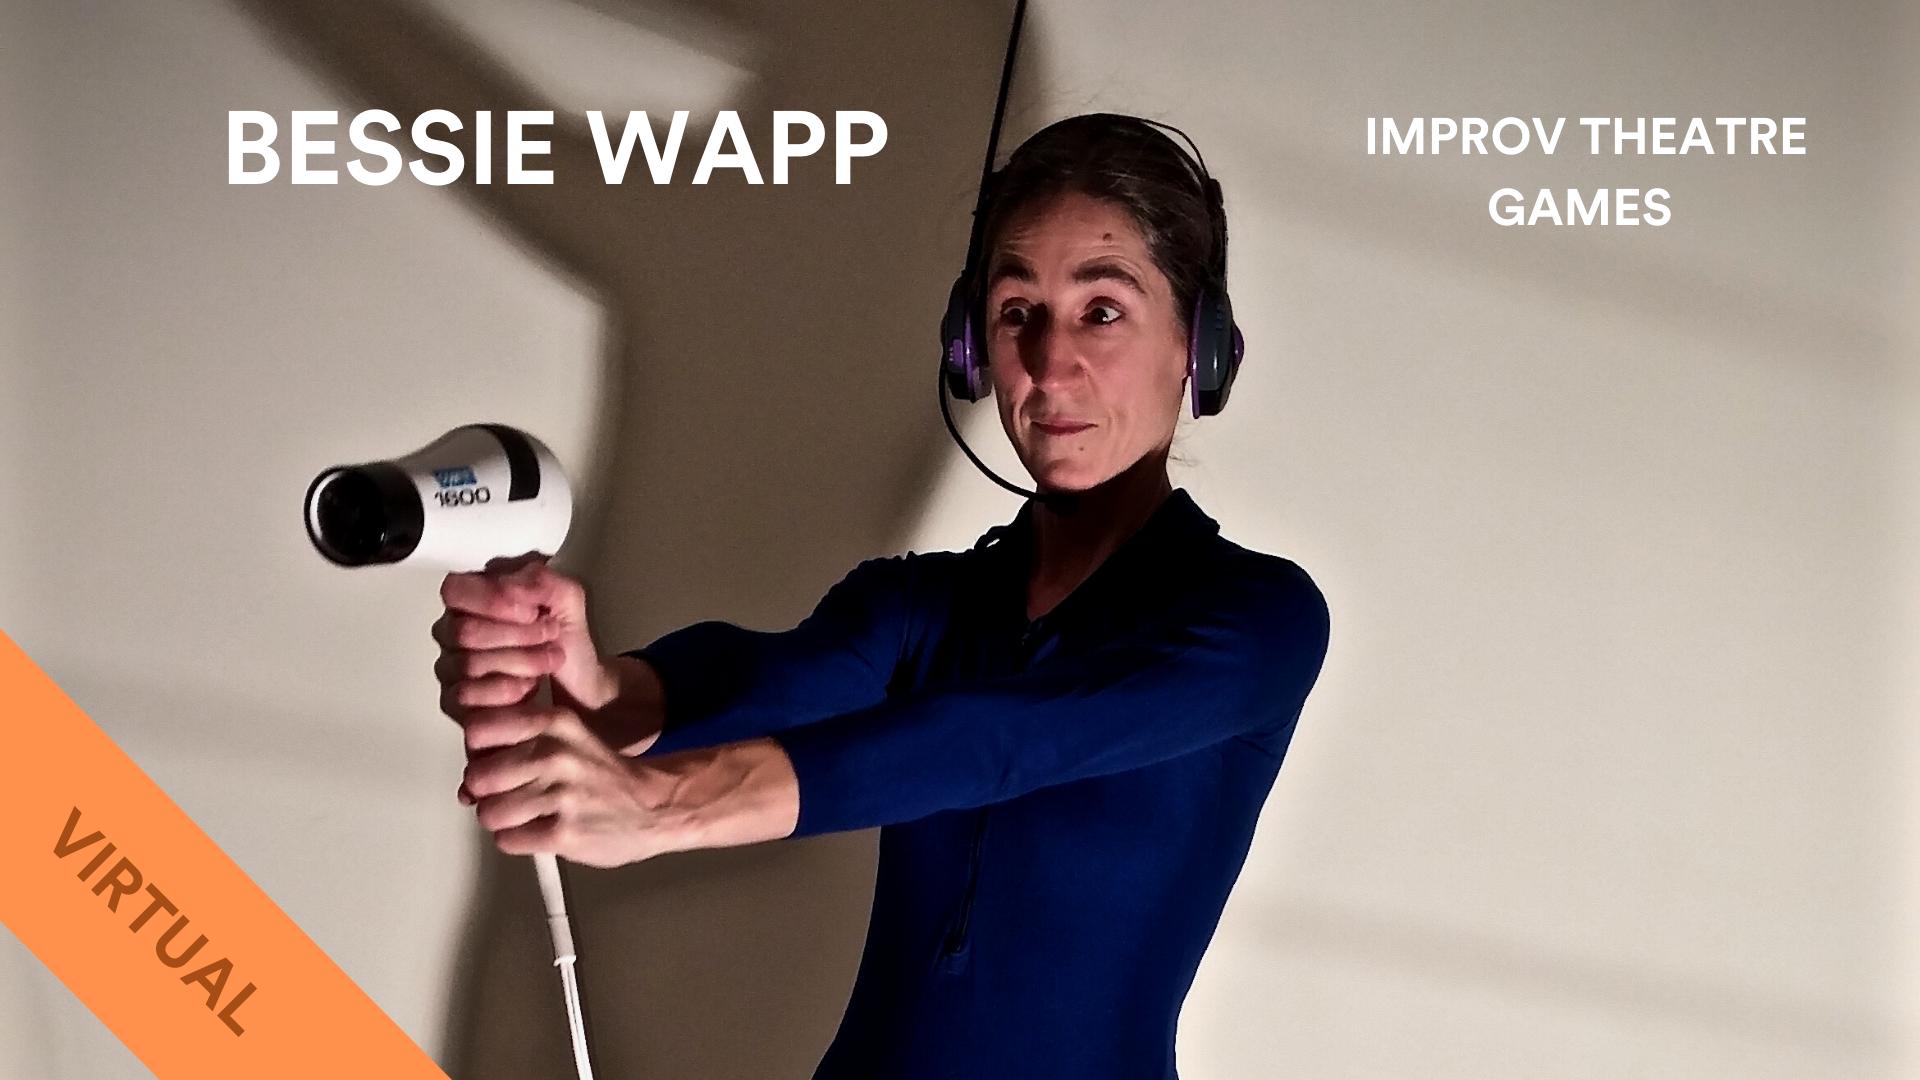 Bessie Wapp Improv